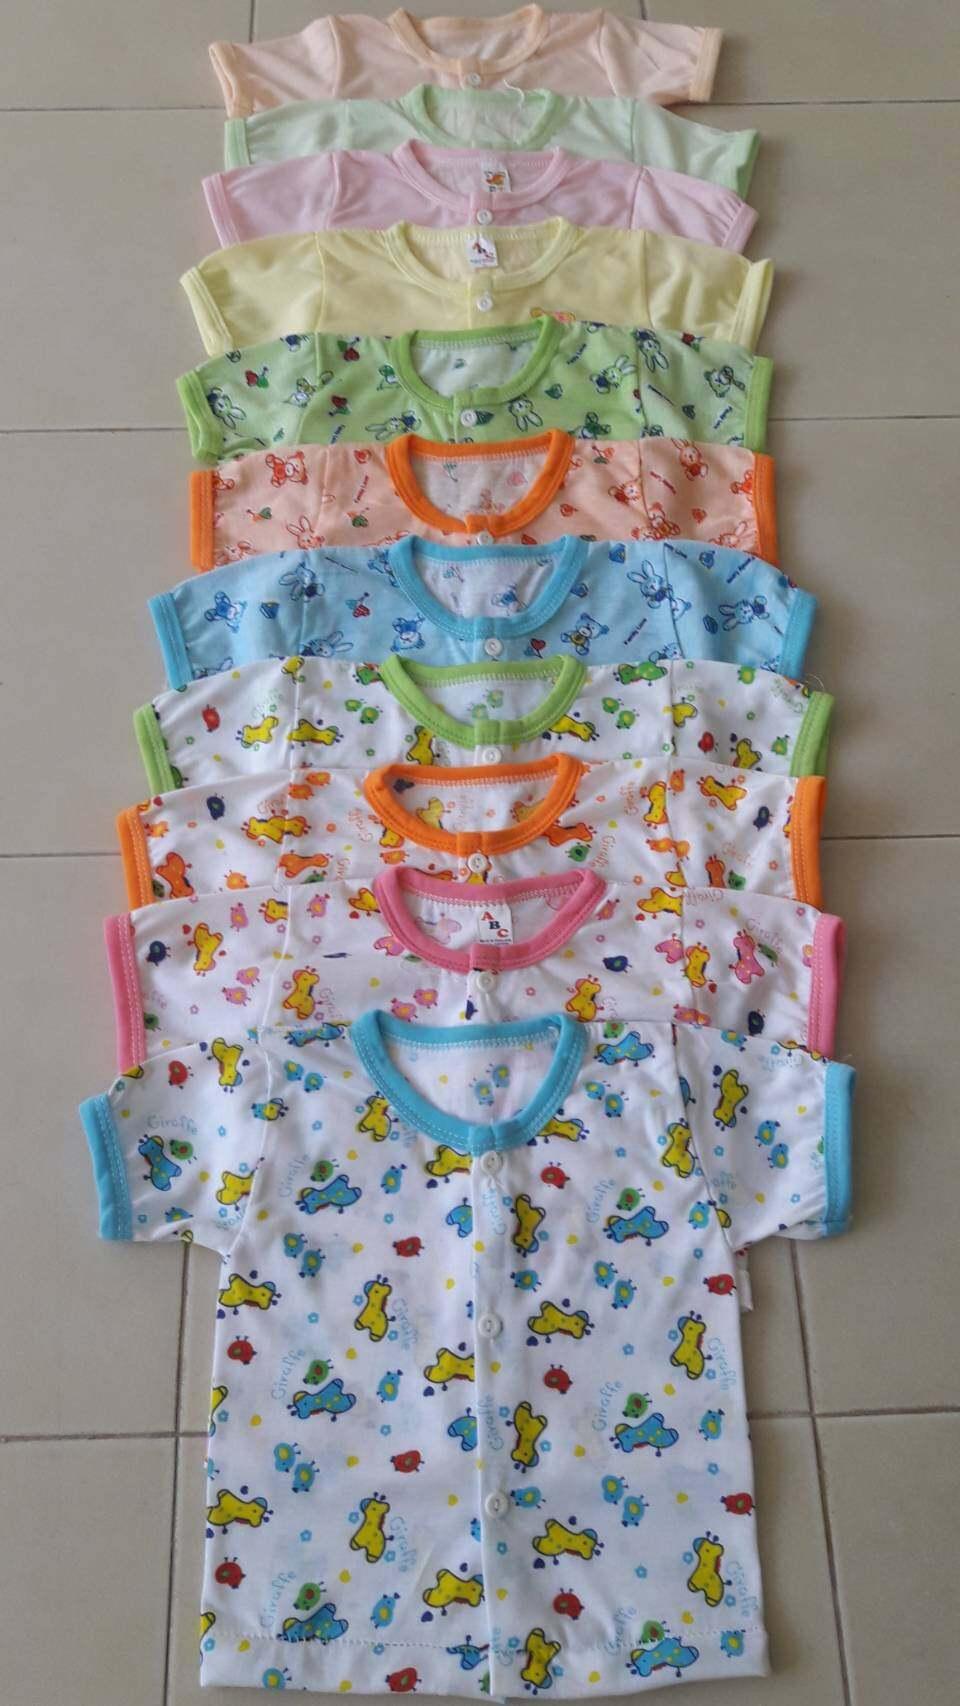 (แพ็ค 6 ตัว)เสื้อแขนสั้นกระดุมหน้า เด็กแรกเกิด - 6 เดือน ผ้า Cotton คละสีคละลาย (รอบอก 20 นิ้ว ยาว12 นิ้ว) แบบลายเสื้อเปลี่ยนไปตามรอ.